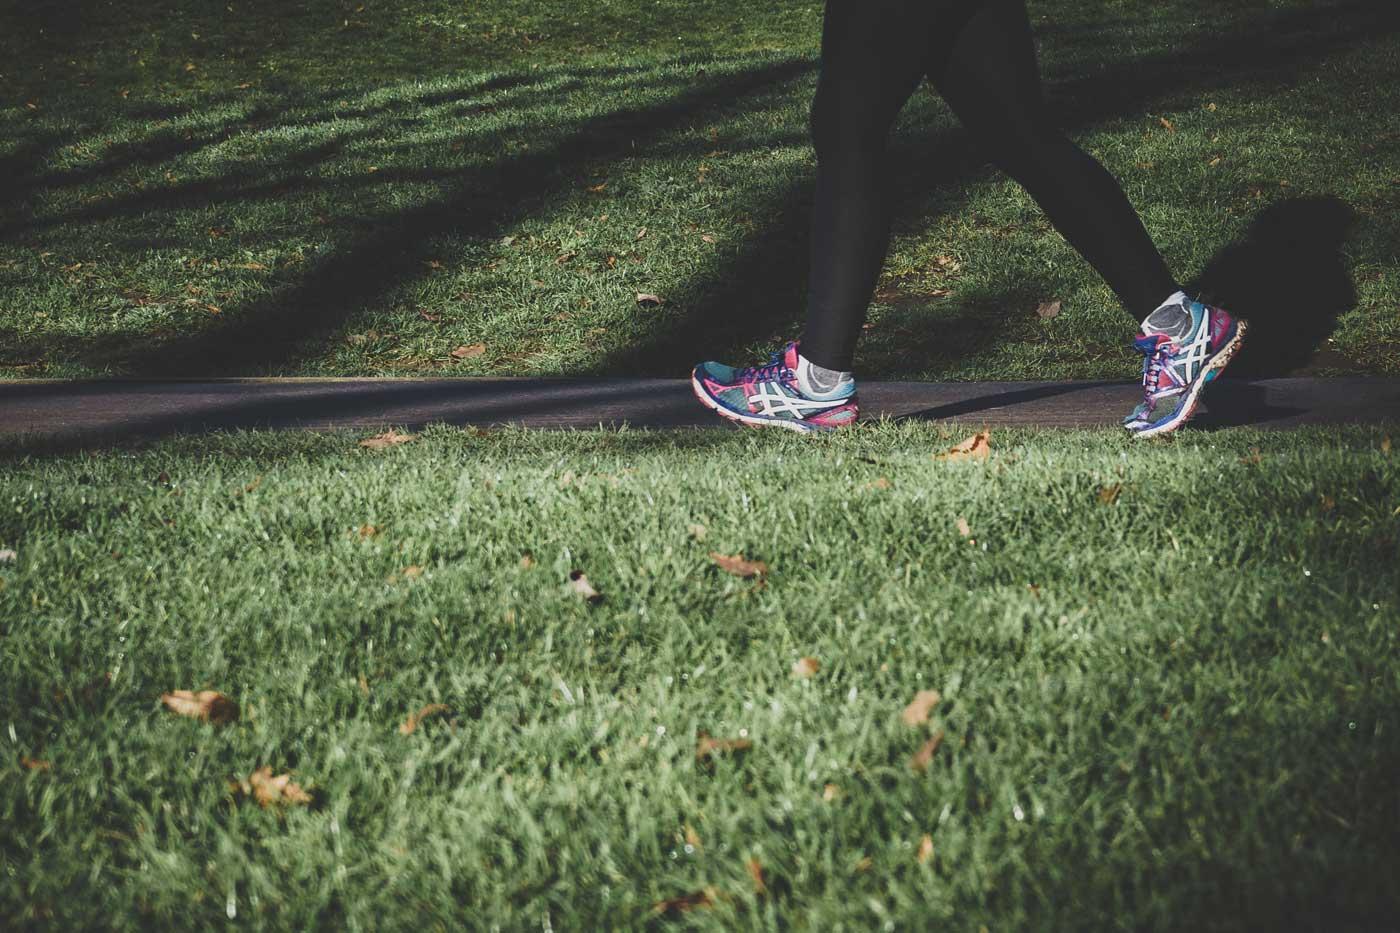 szybki marsz, marszobieg i spacer to świetny sposób na relaks i zdrowie